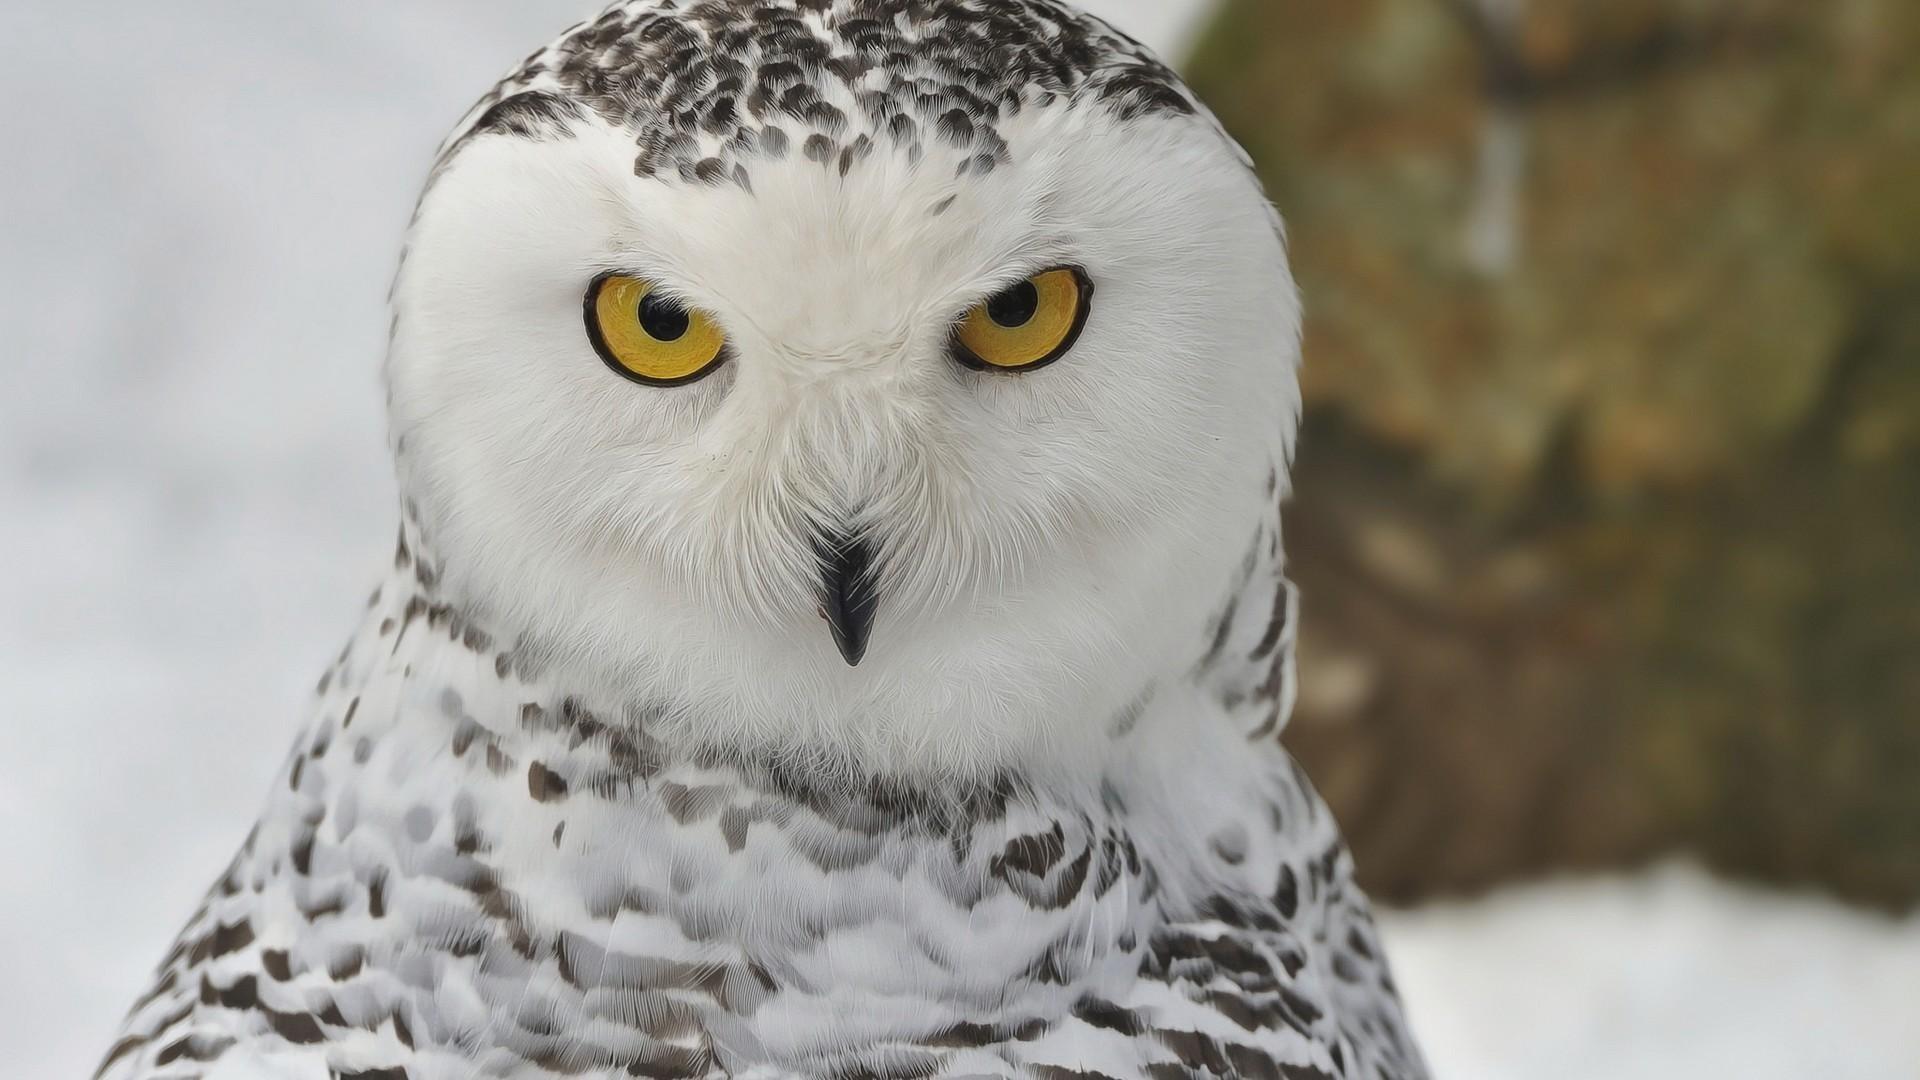 Snowy Owl hd photos